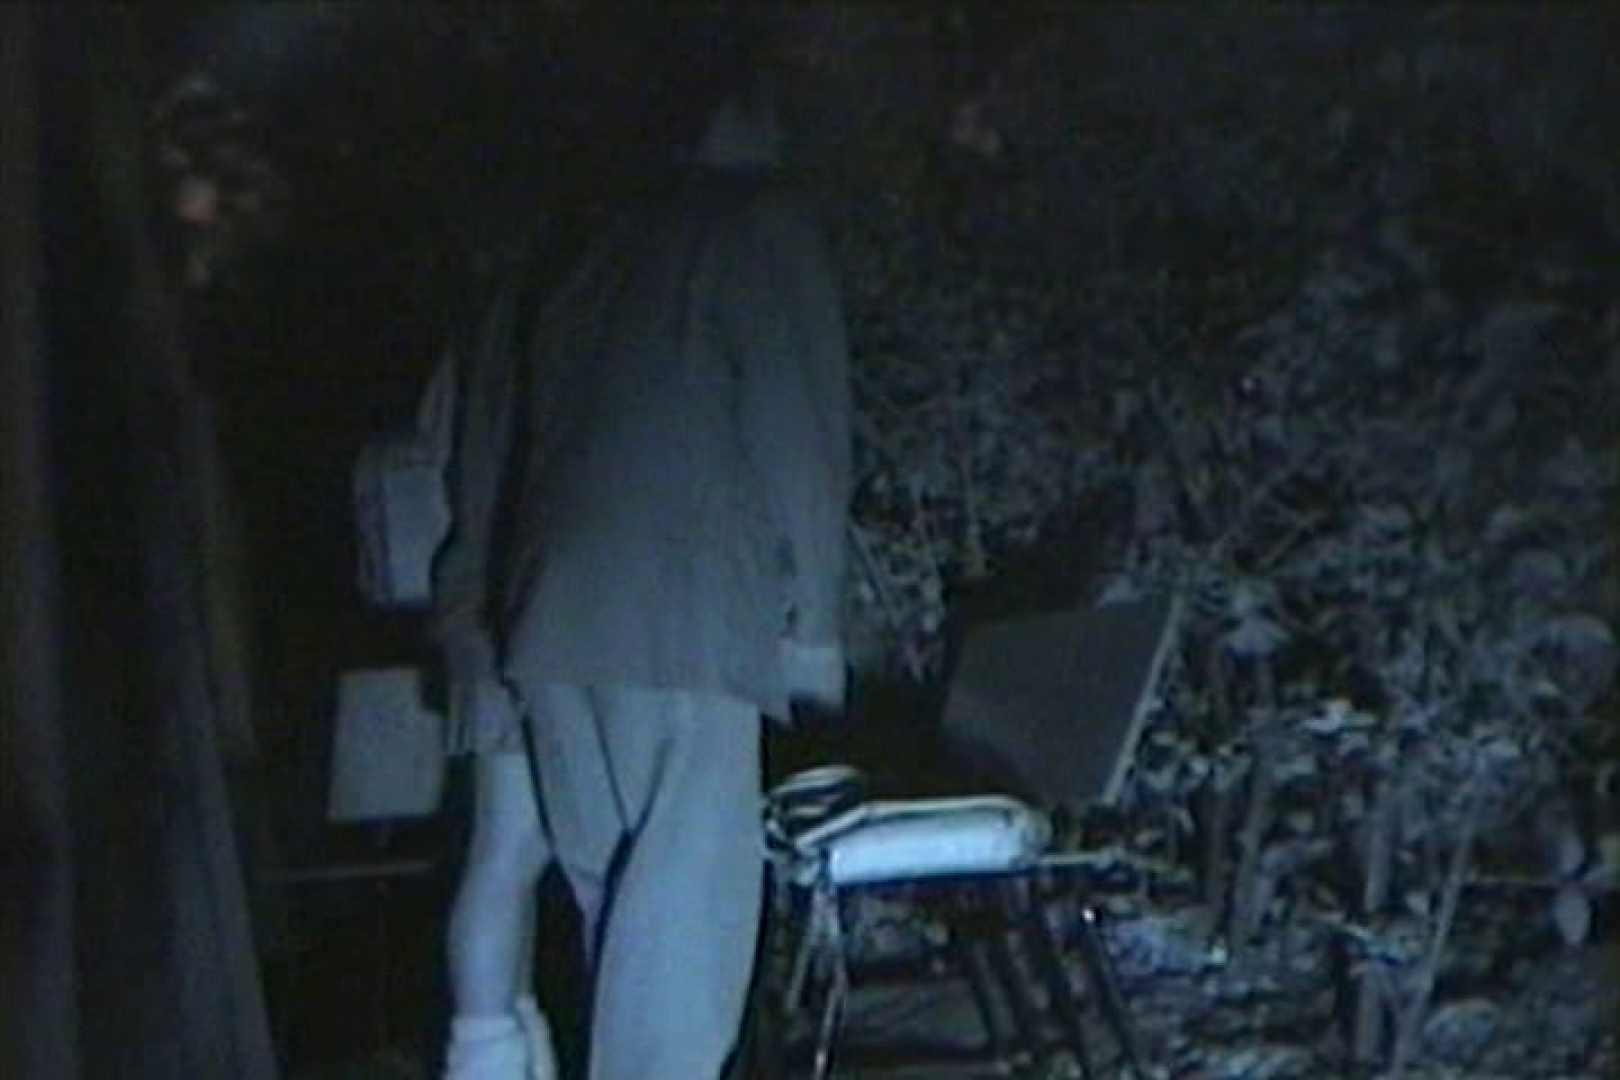 闇の仕掛け人 無修正版 Vol.24 カップル オメコ動画キャプチャ 101pic 32